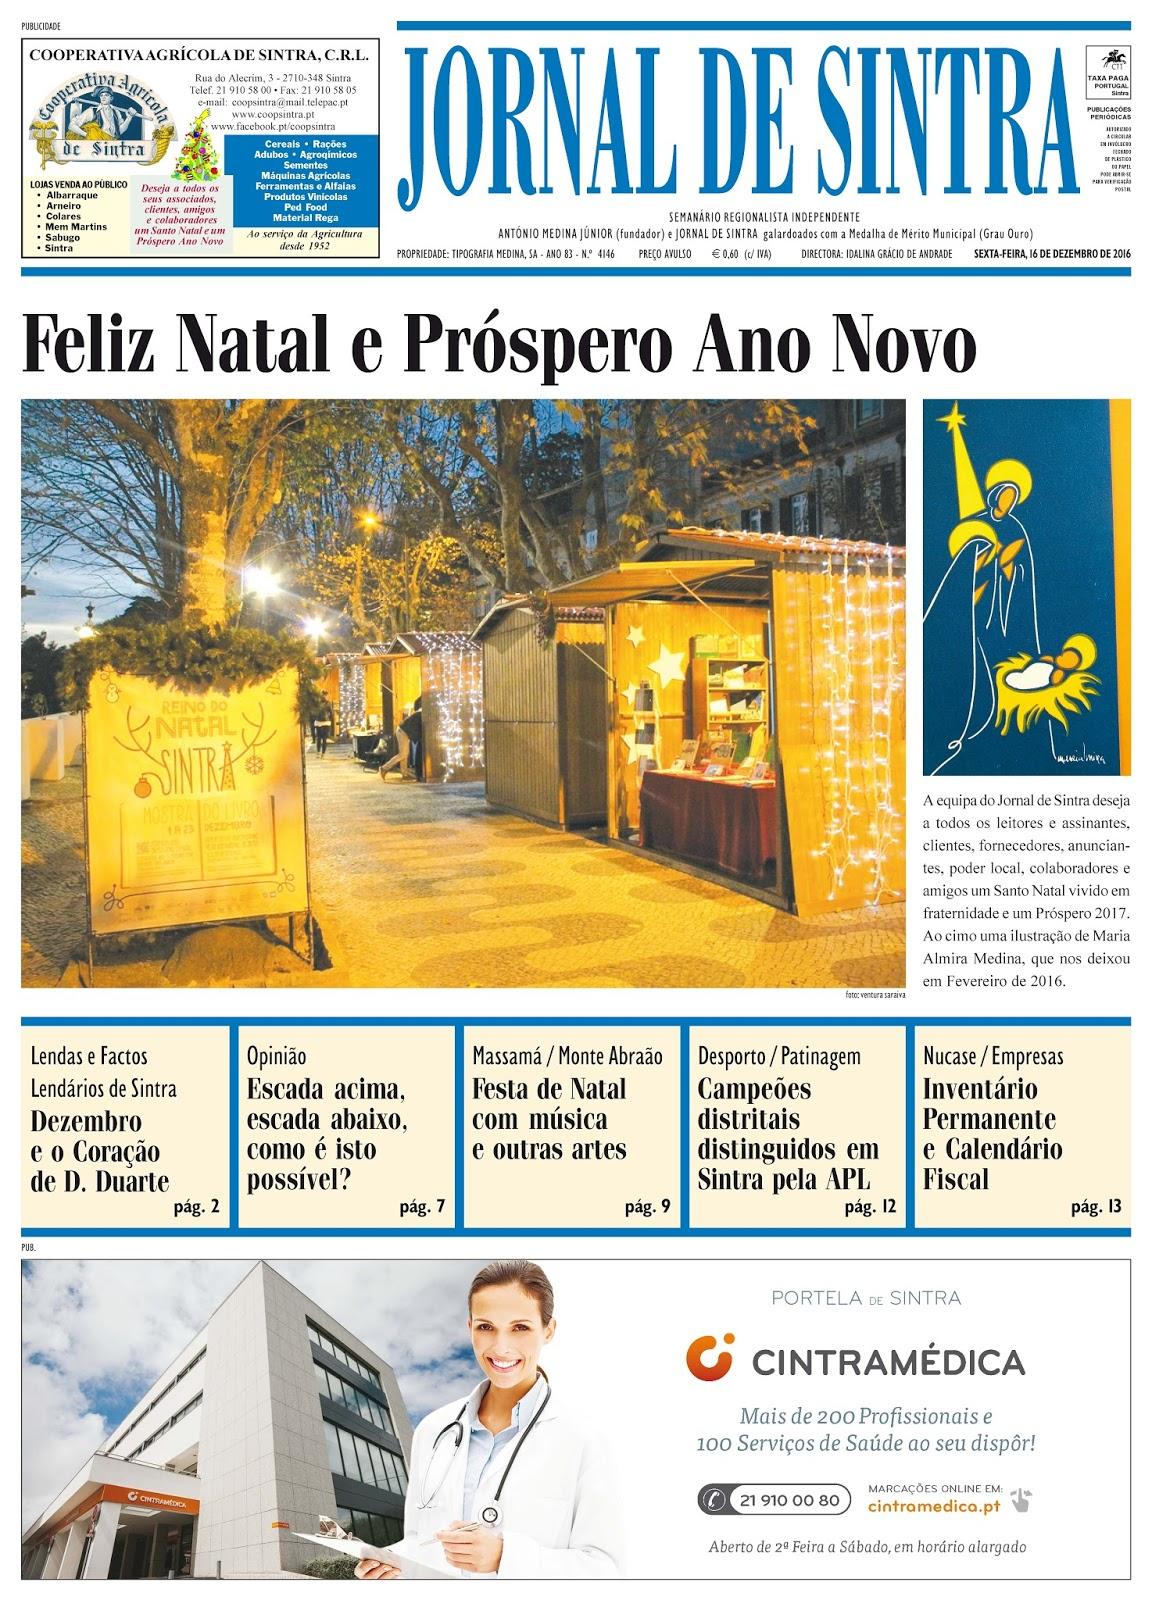 Capa da edição de 16-12-2016